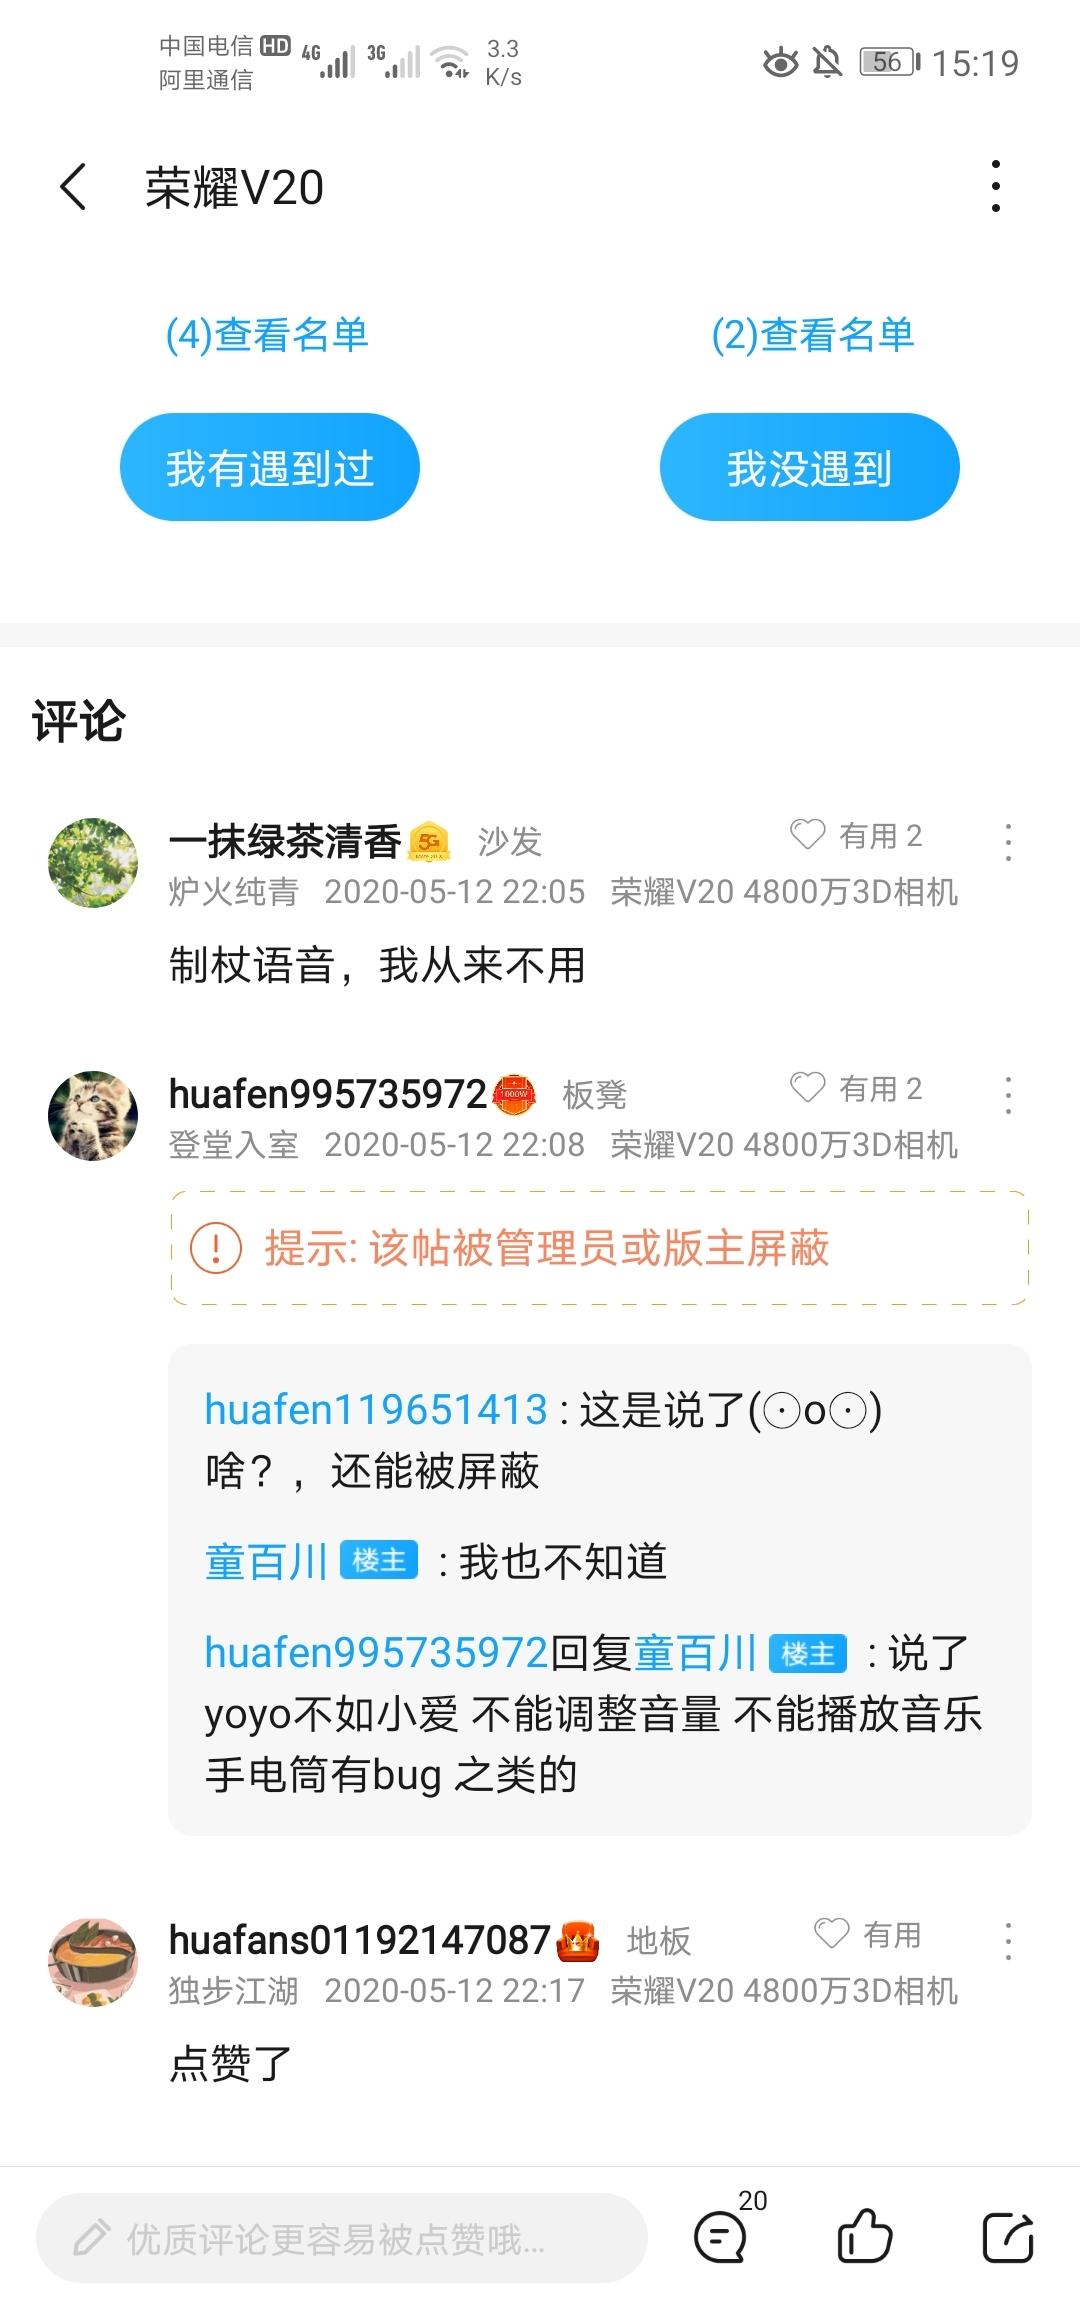 Screenshot_20200514_151920_com.huawei.fans.jpg